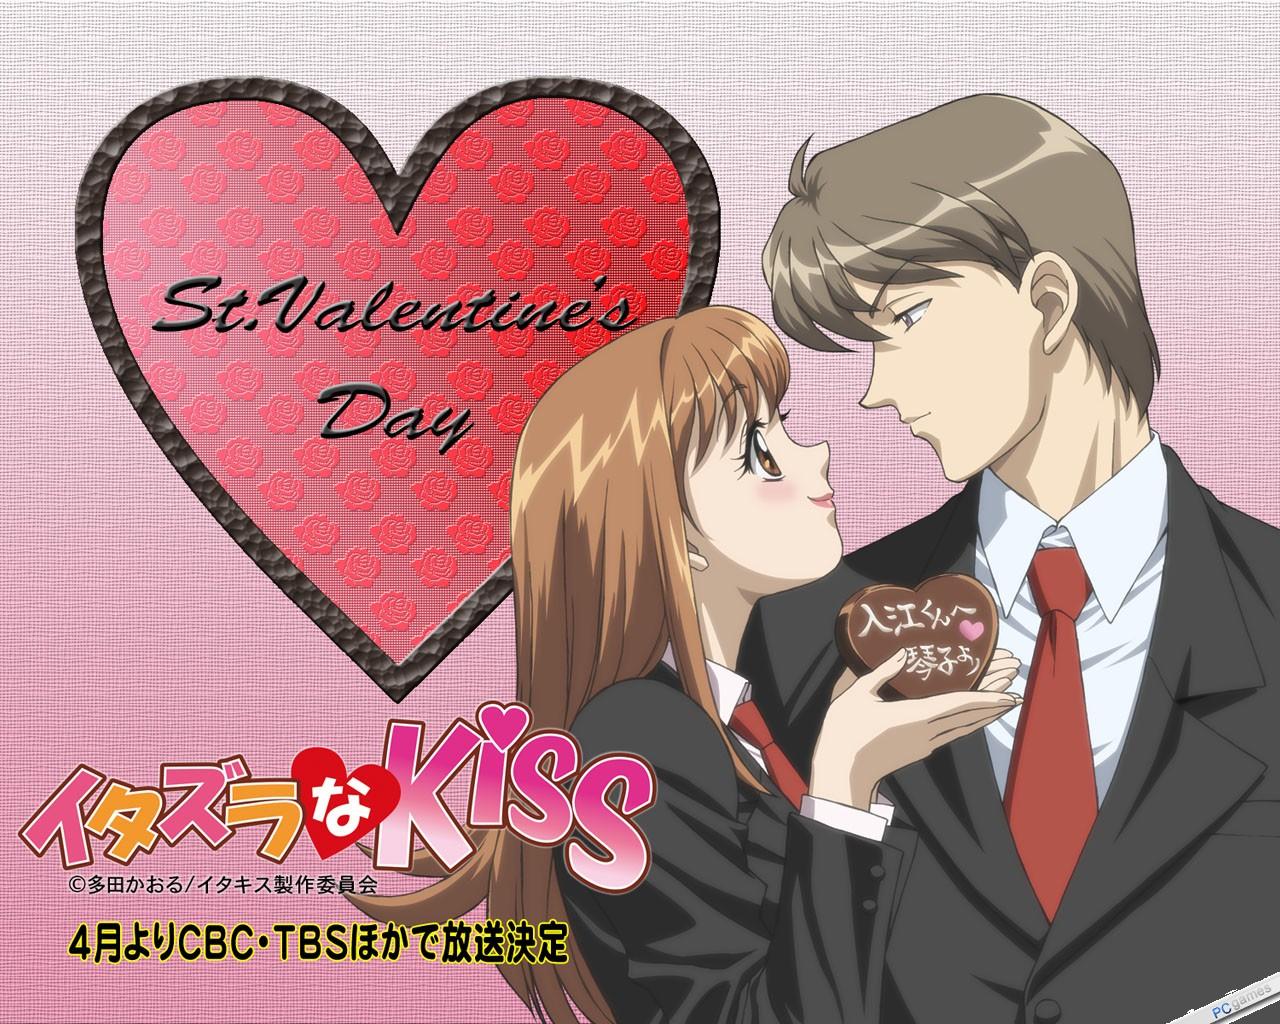 Смотреть онлайн аниме озорной поцелуй 3 фотография